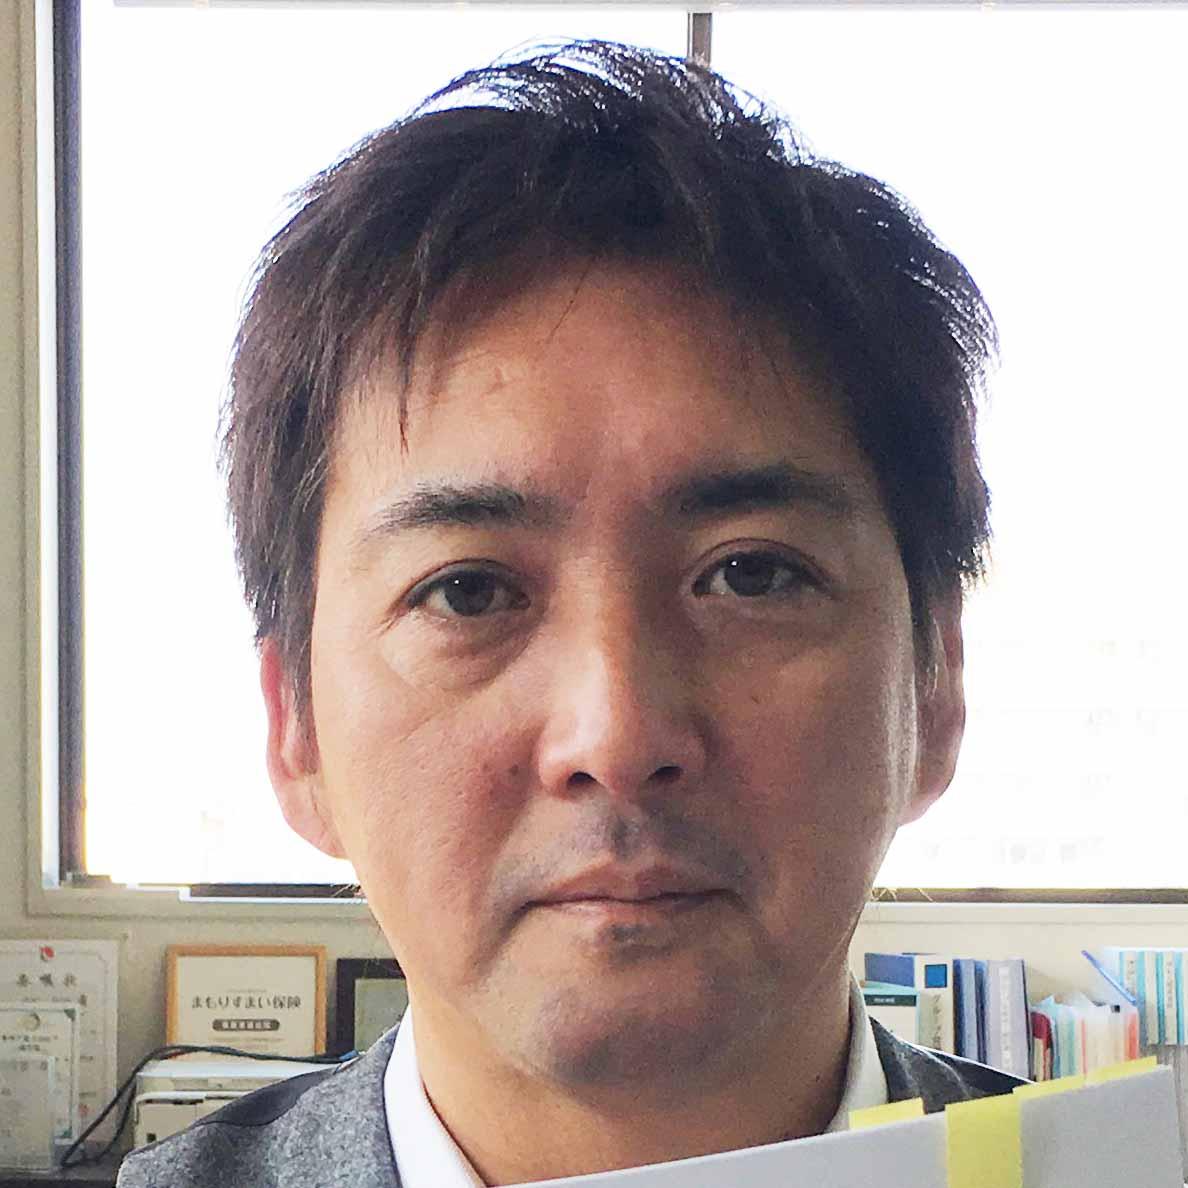 株式会社大興不動産 代表取締役 中村 忠治氏